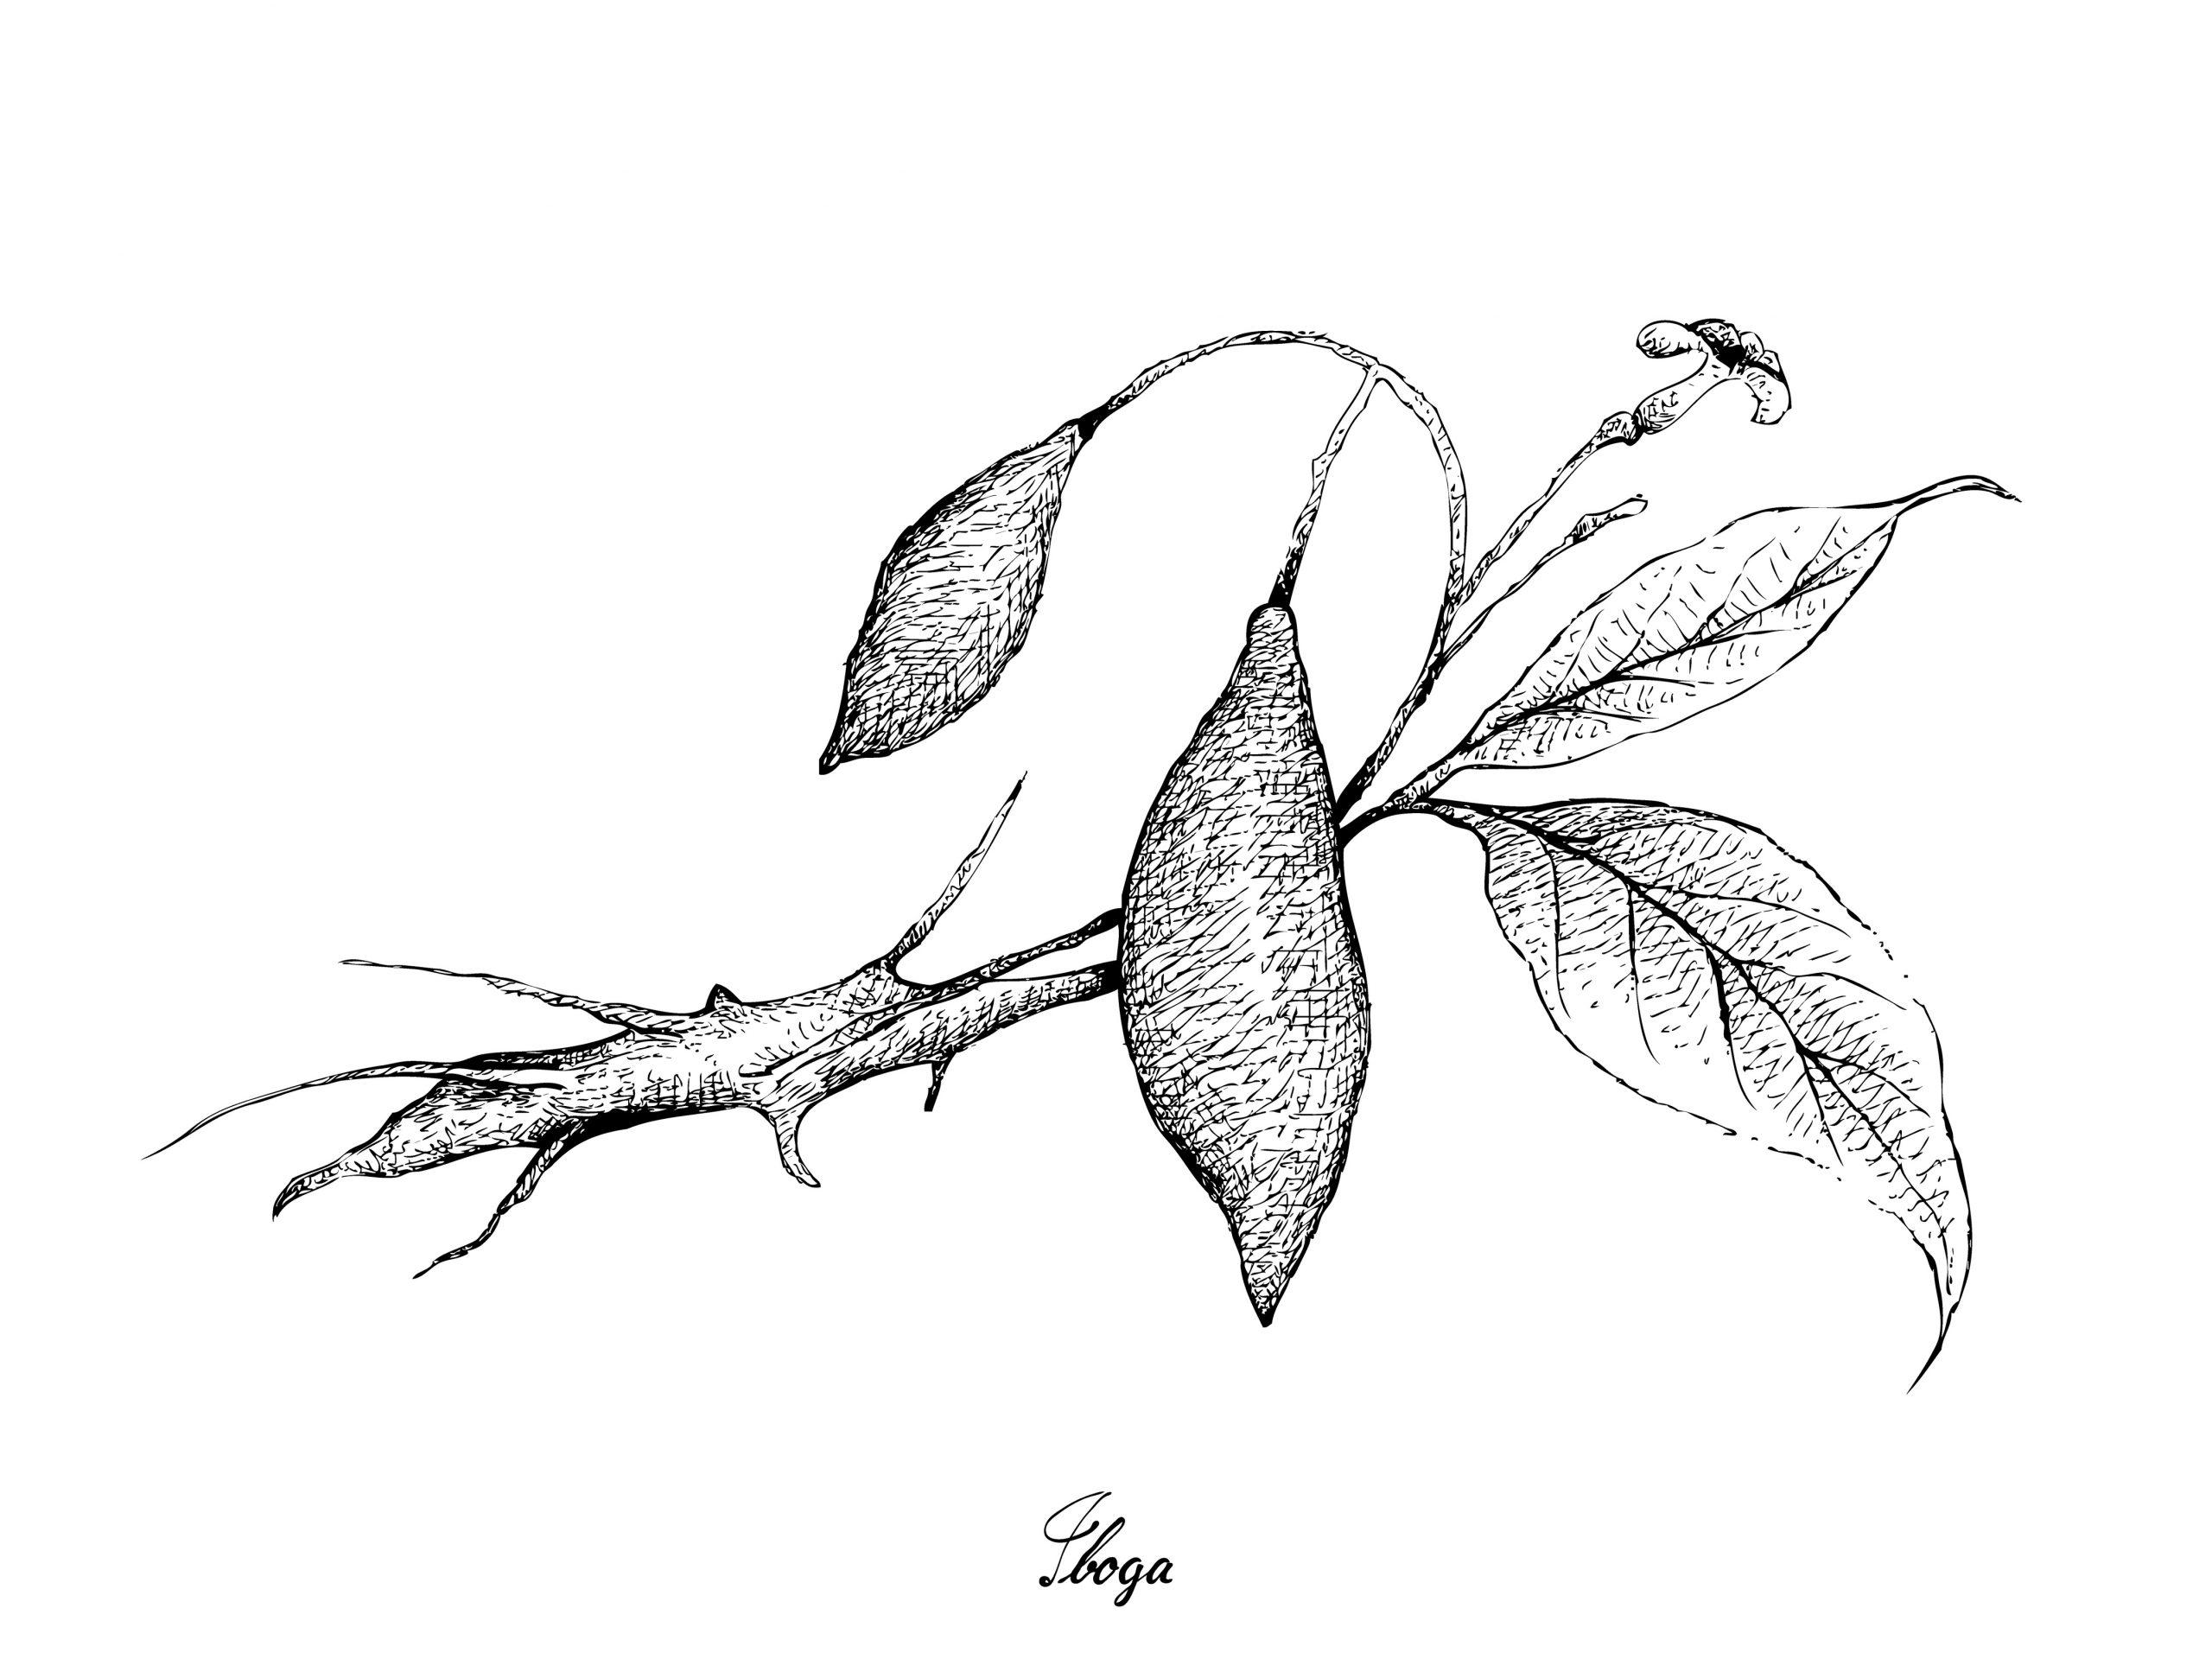 Iboga illustration